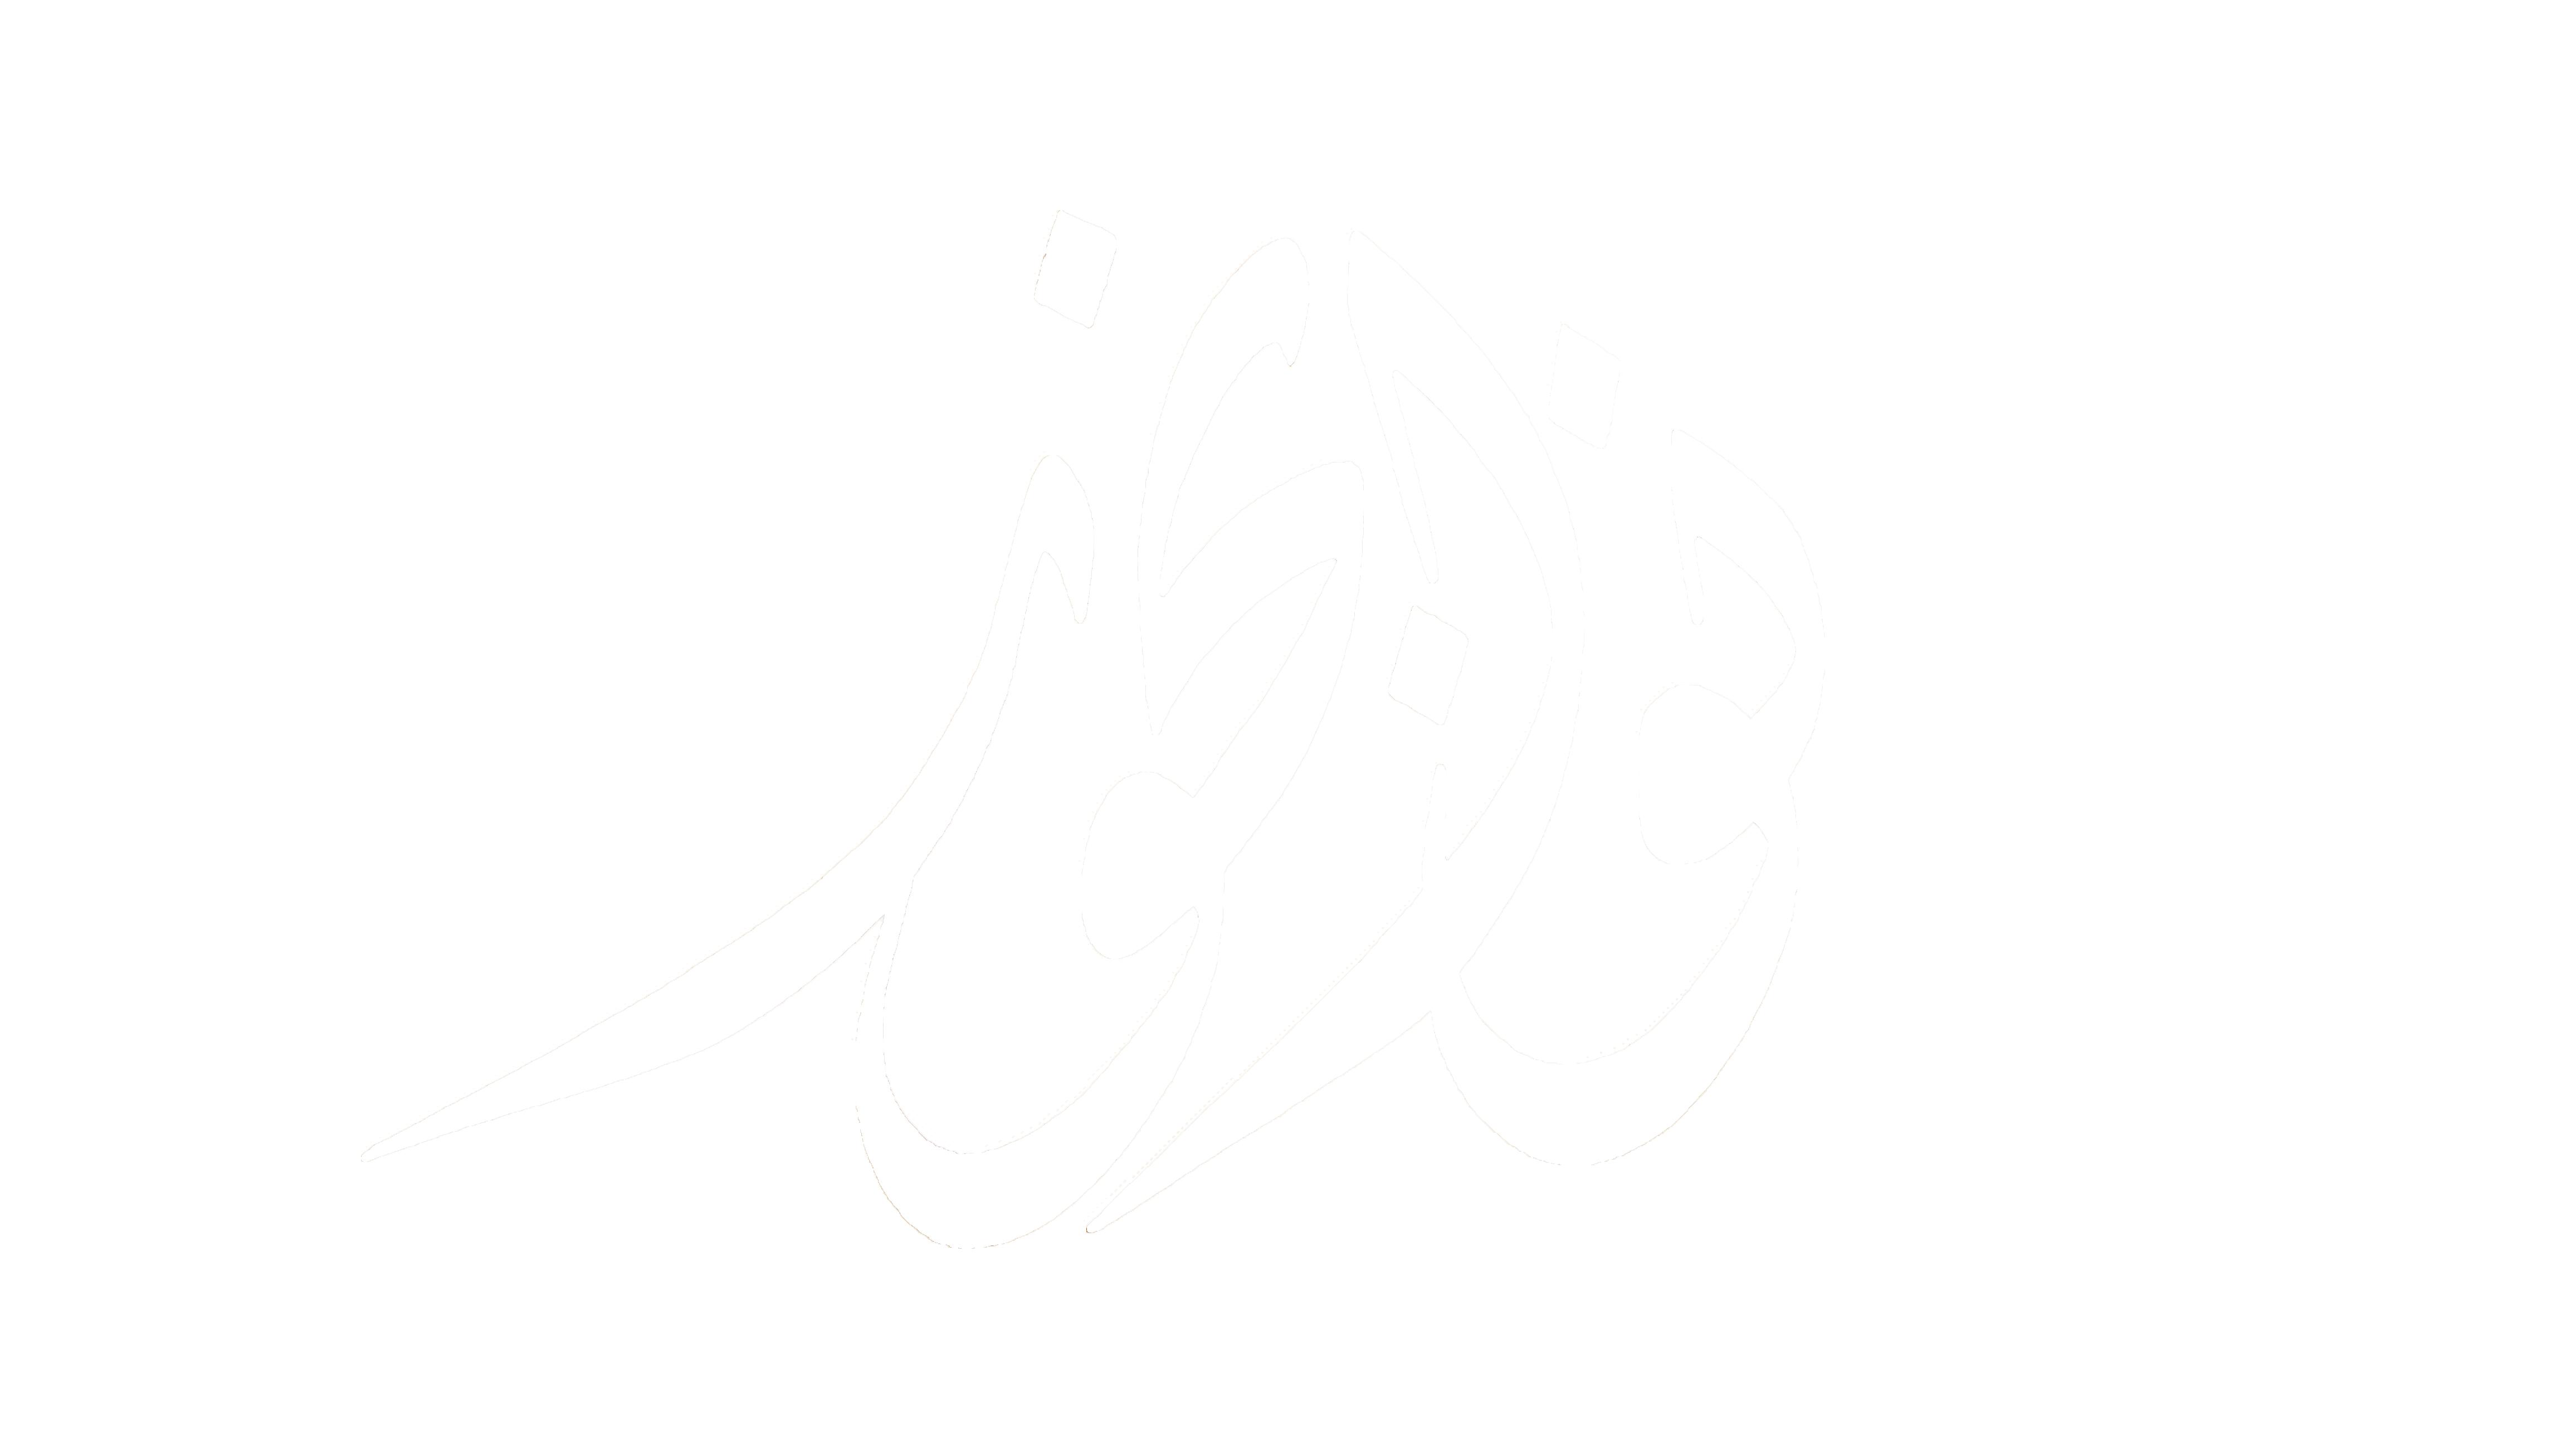 logooo